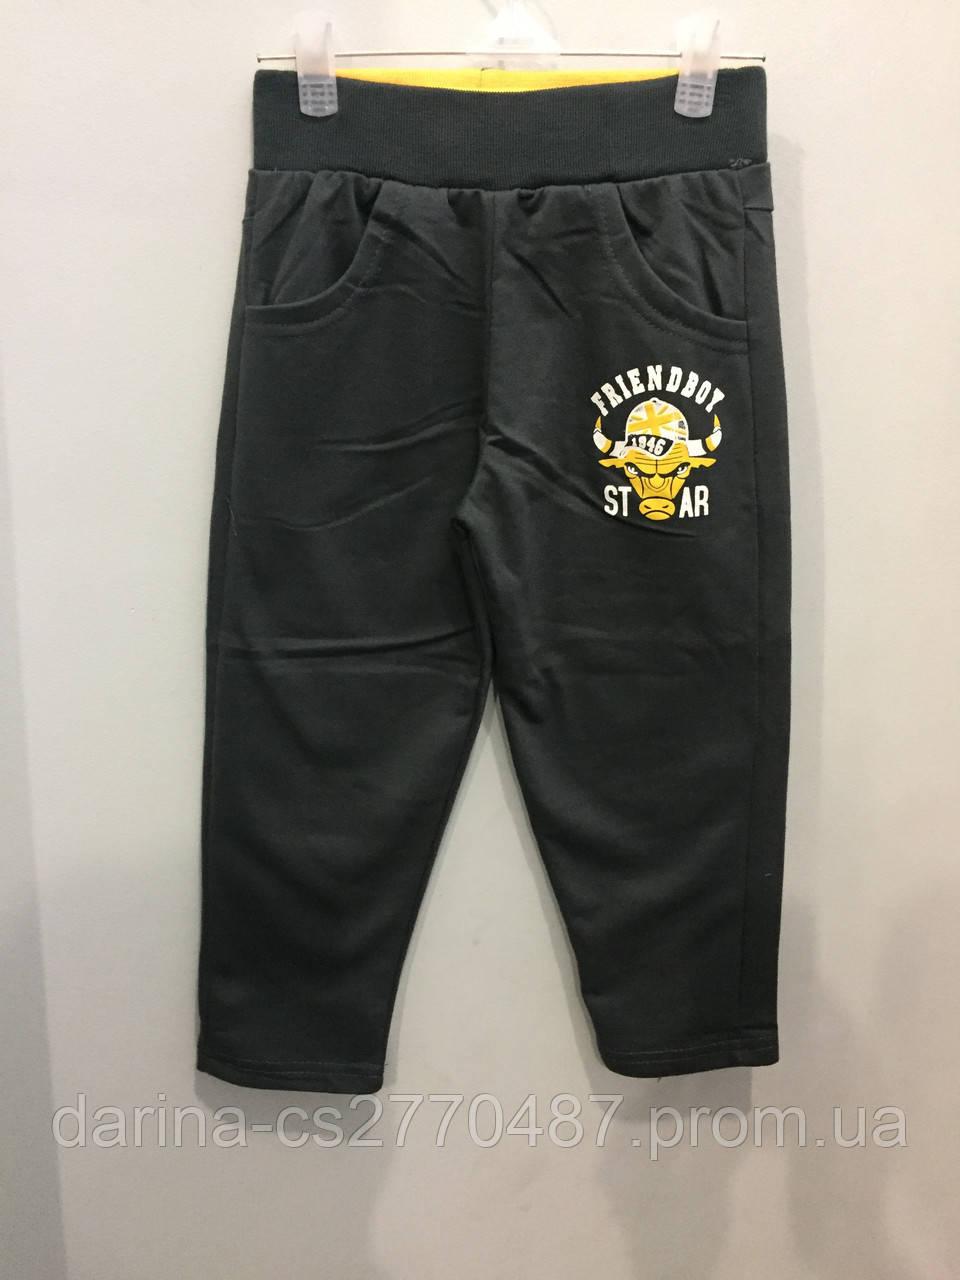 Спортивные брюки на мальчика 98 см